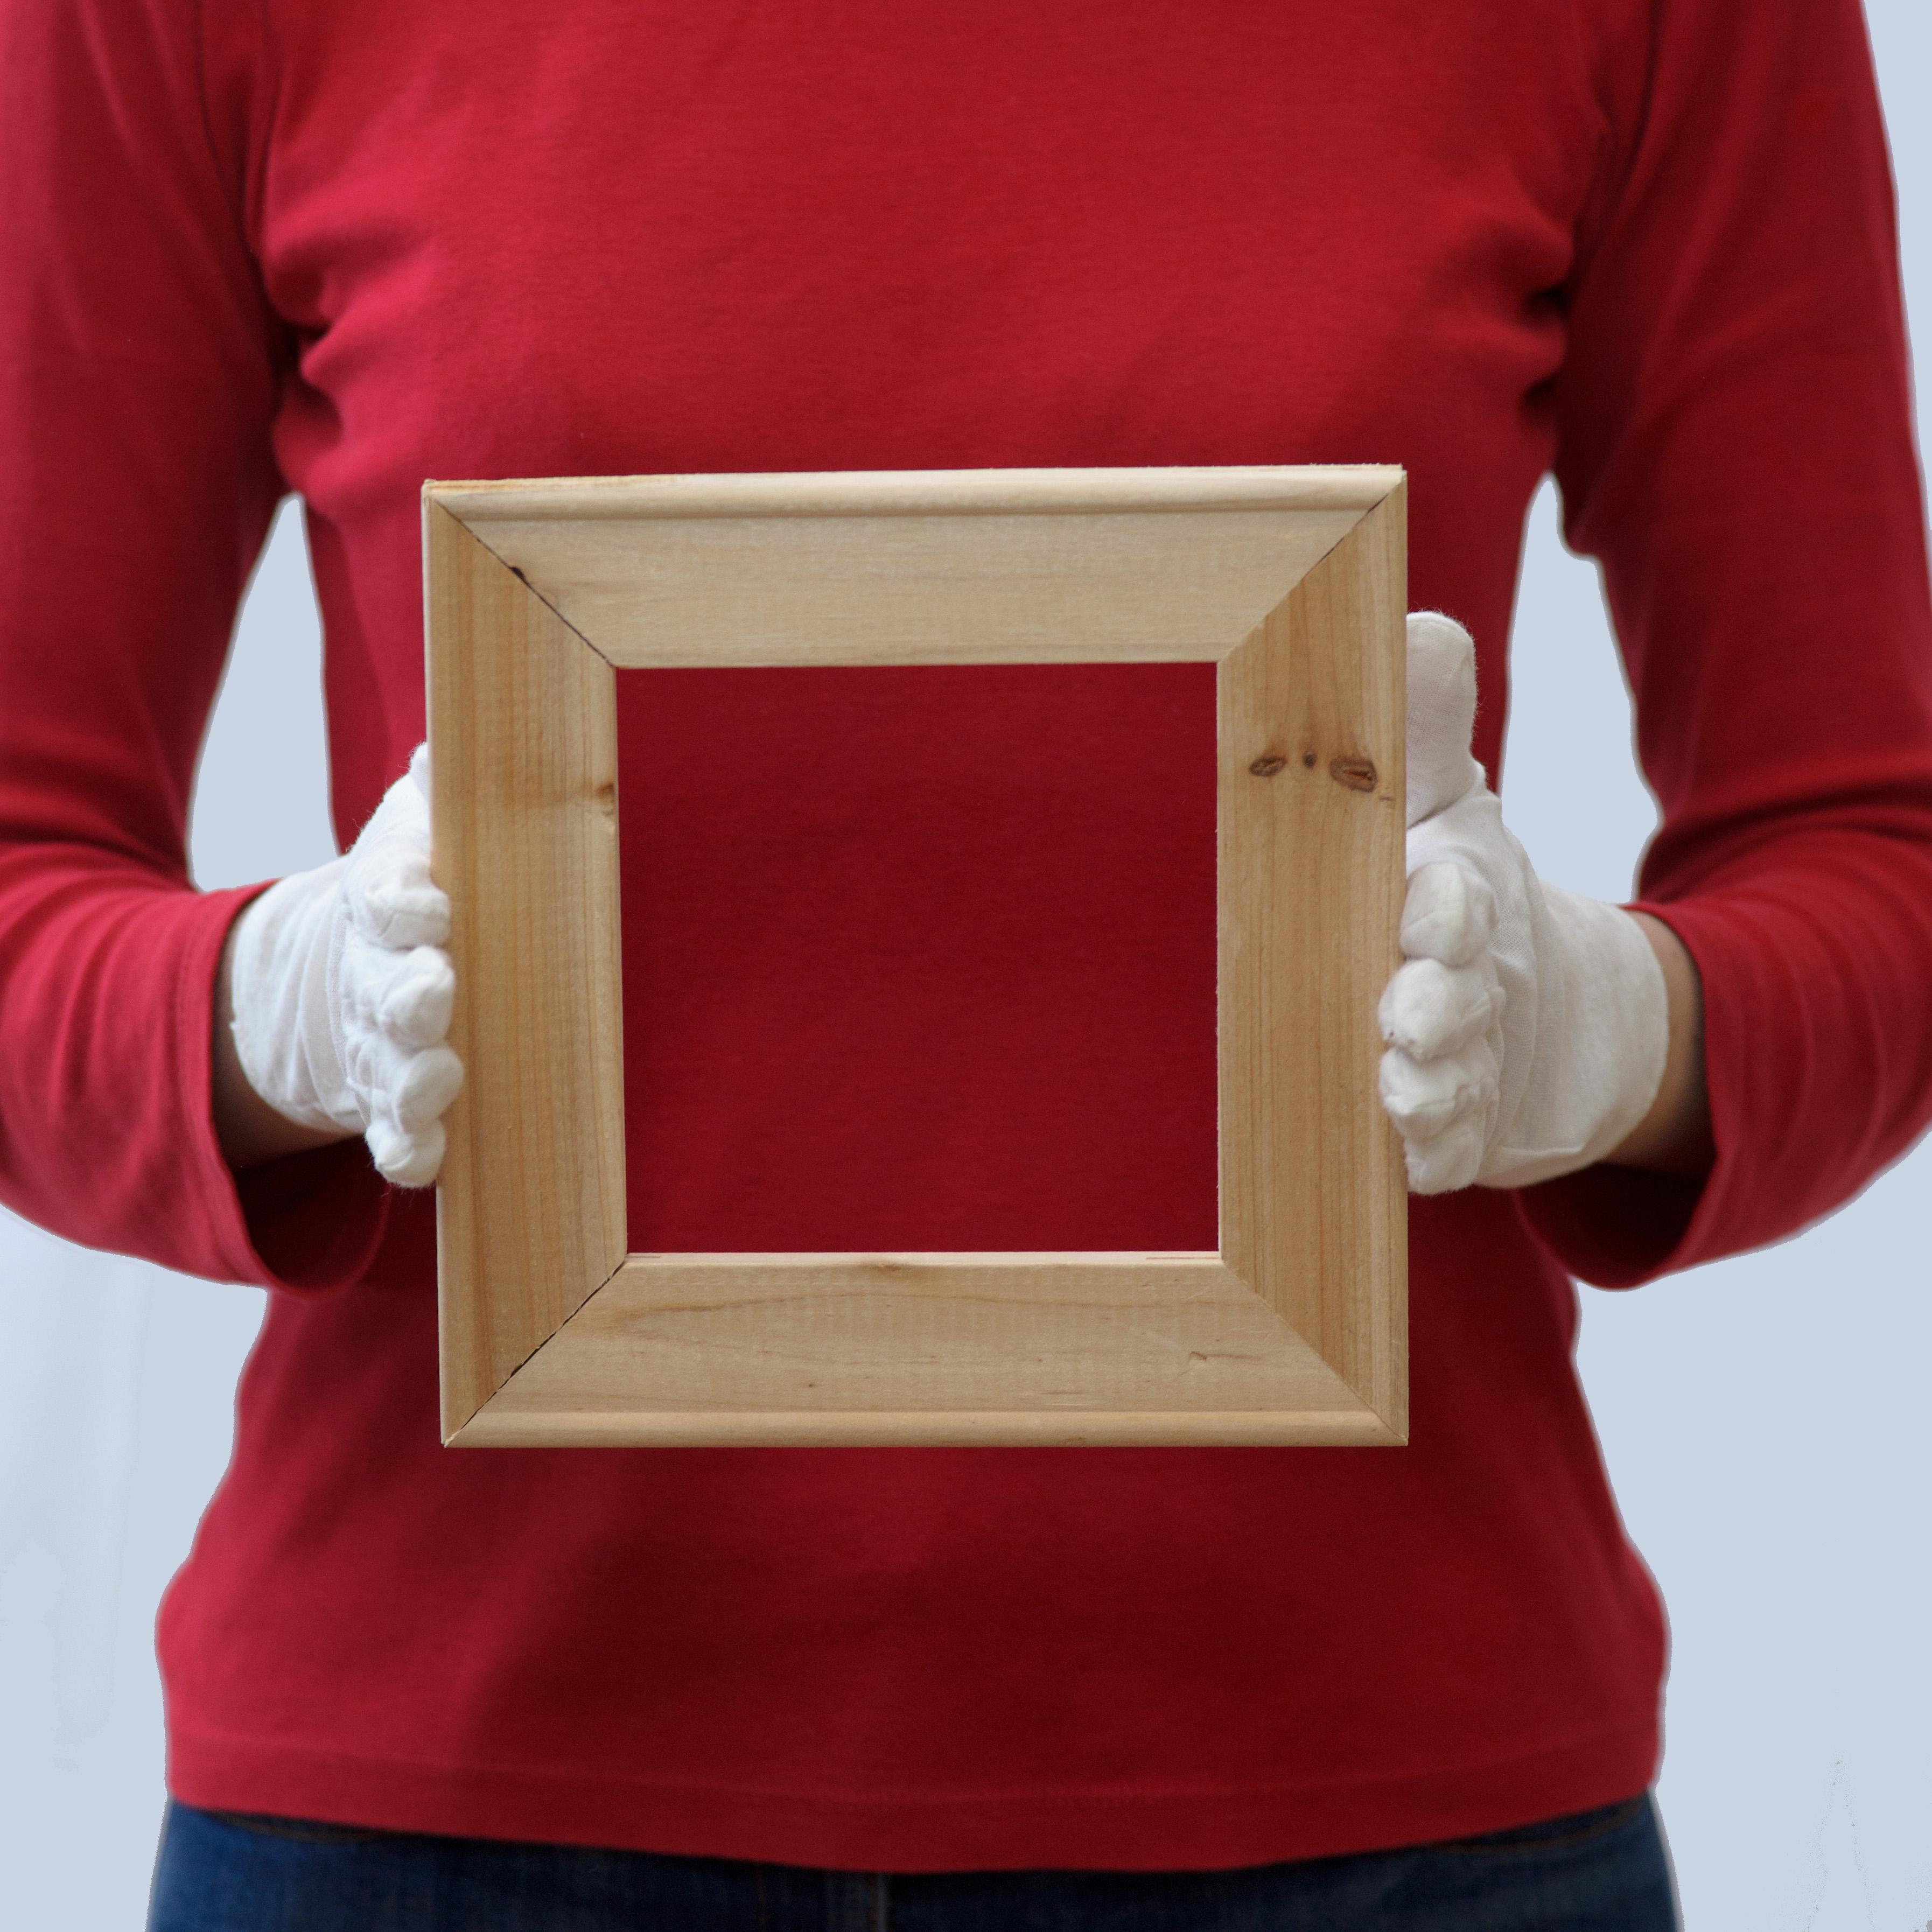 square custom canvas print 20cm x 20cm  08 u0026quot  x 08 u0026quot